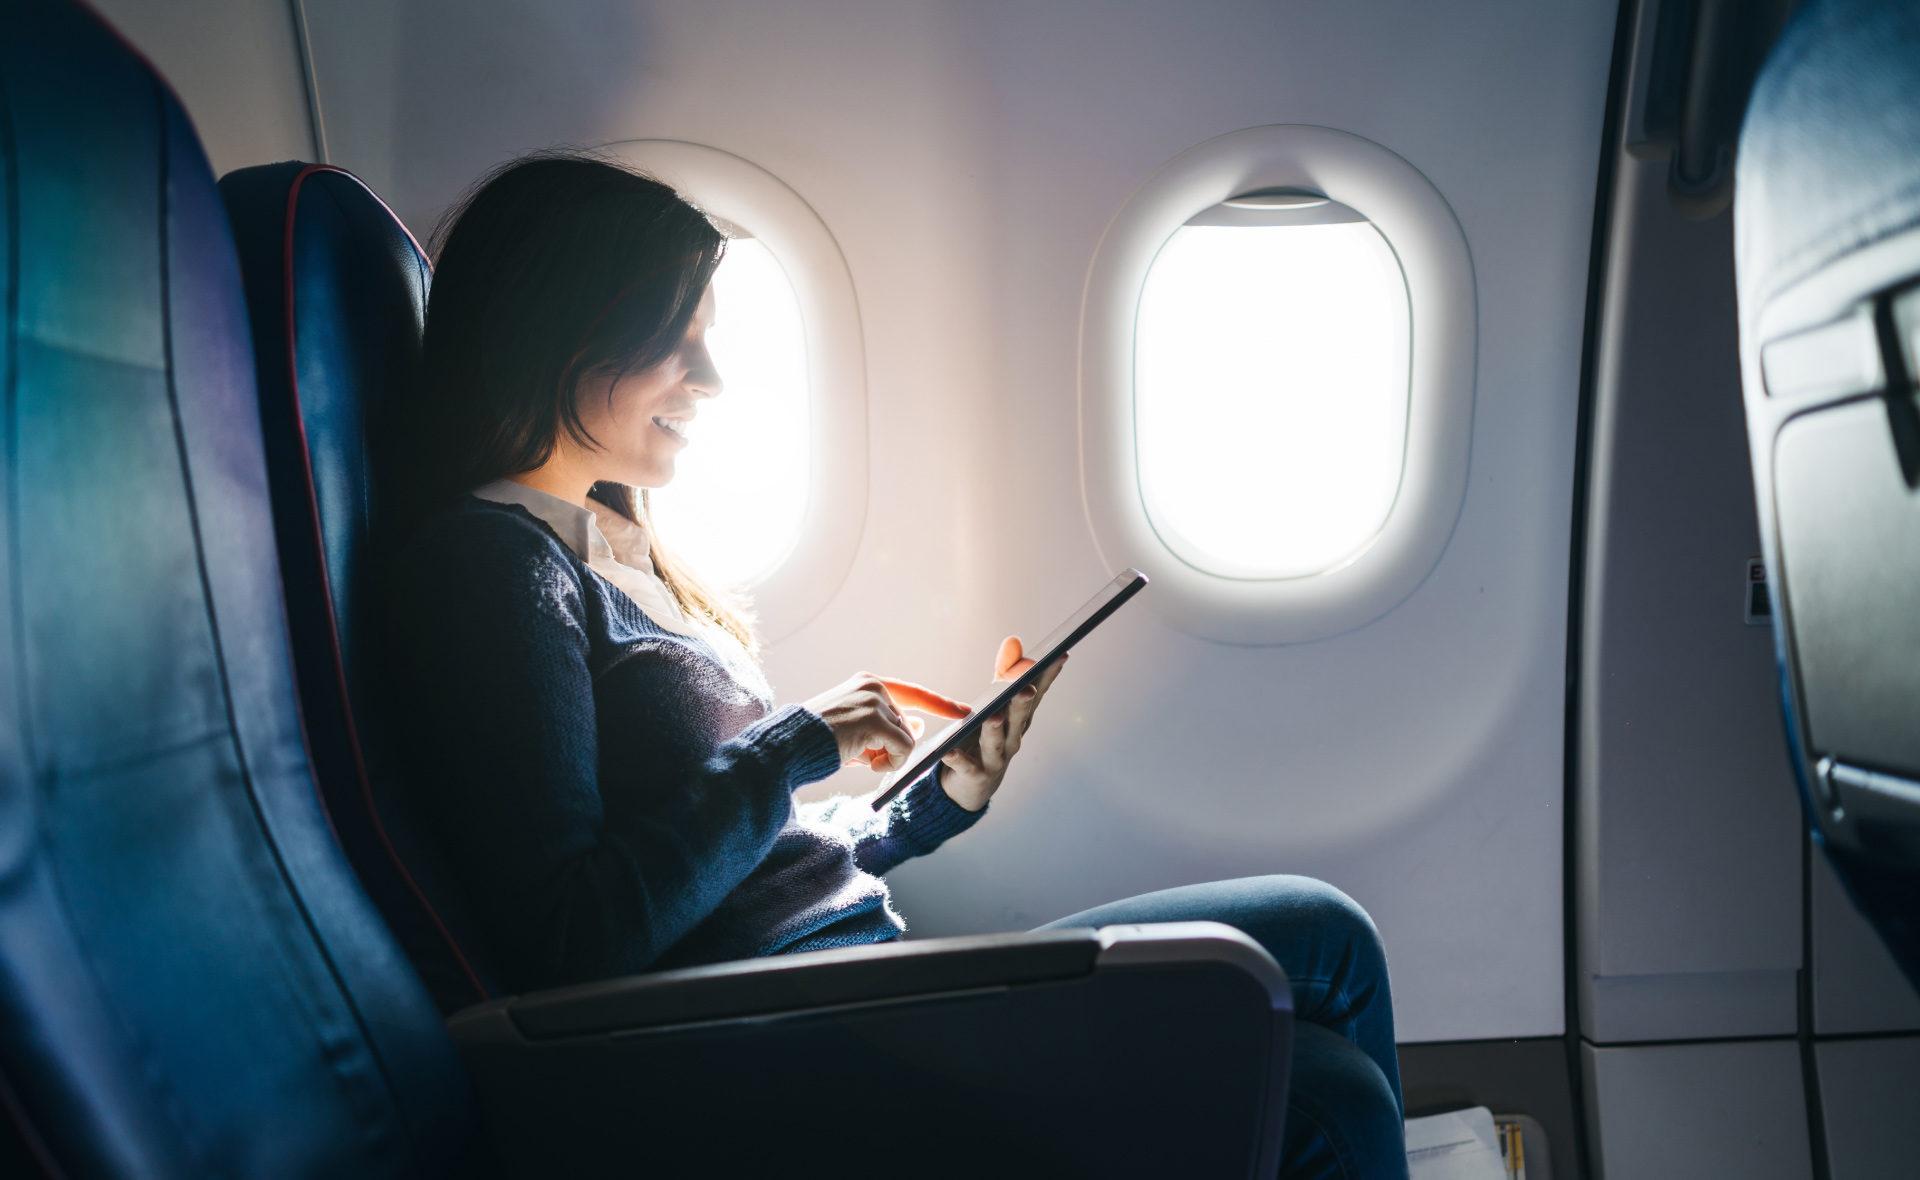 booking-viajar-acuerdo-bbva-vuelos-avión